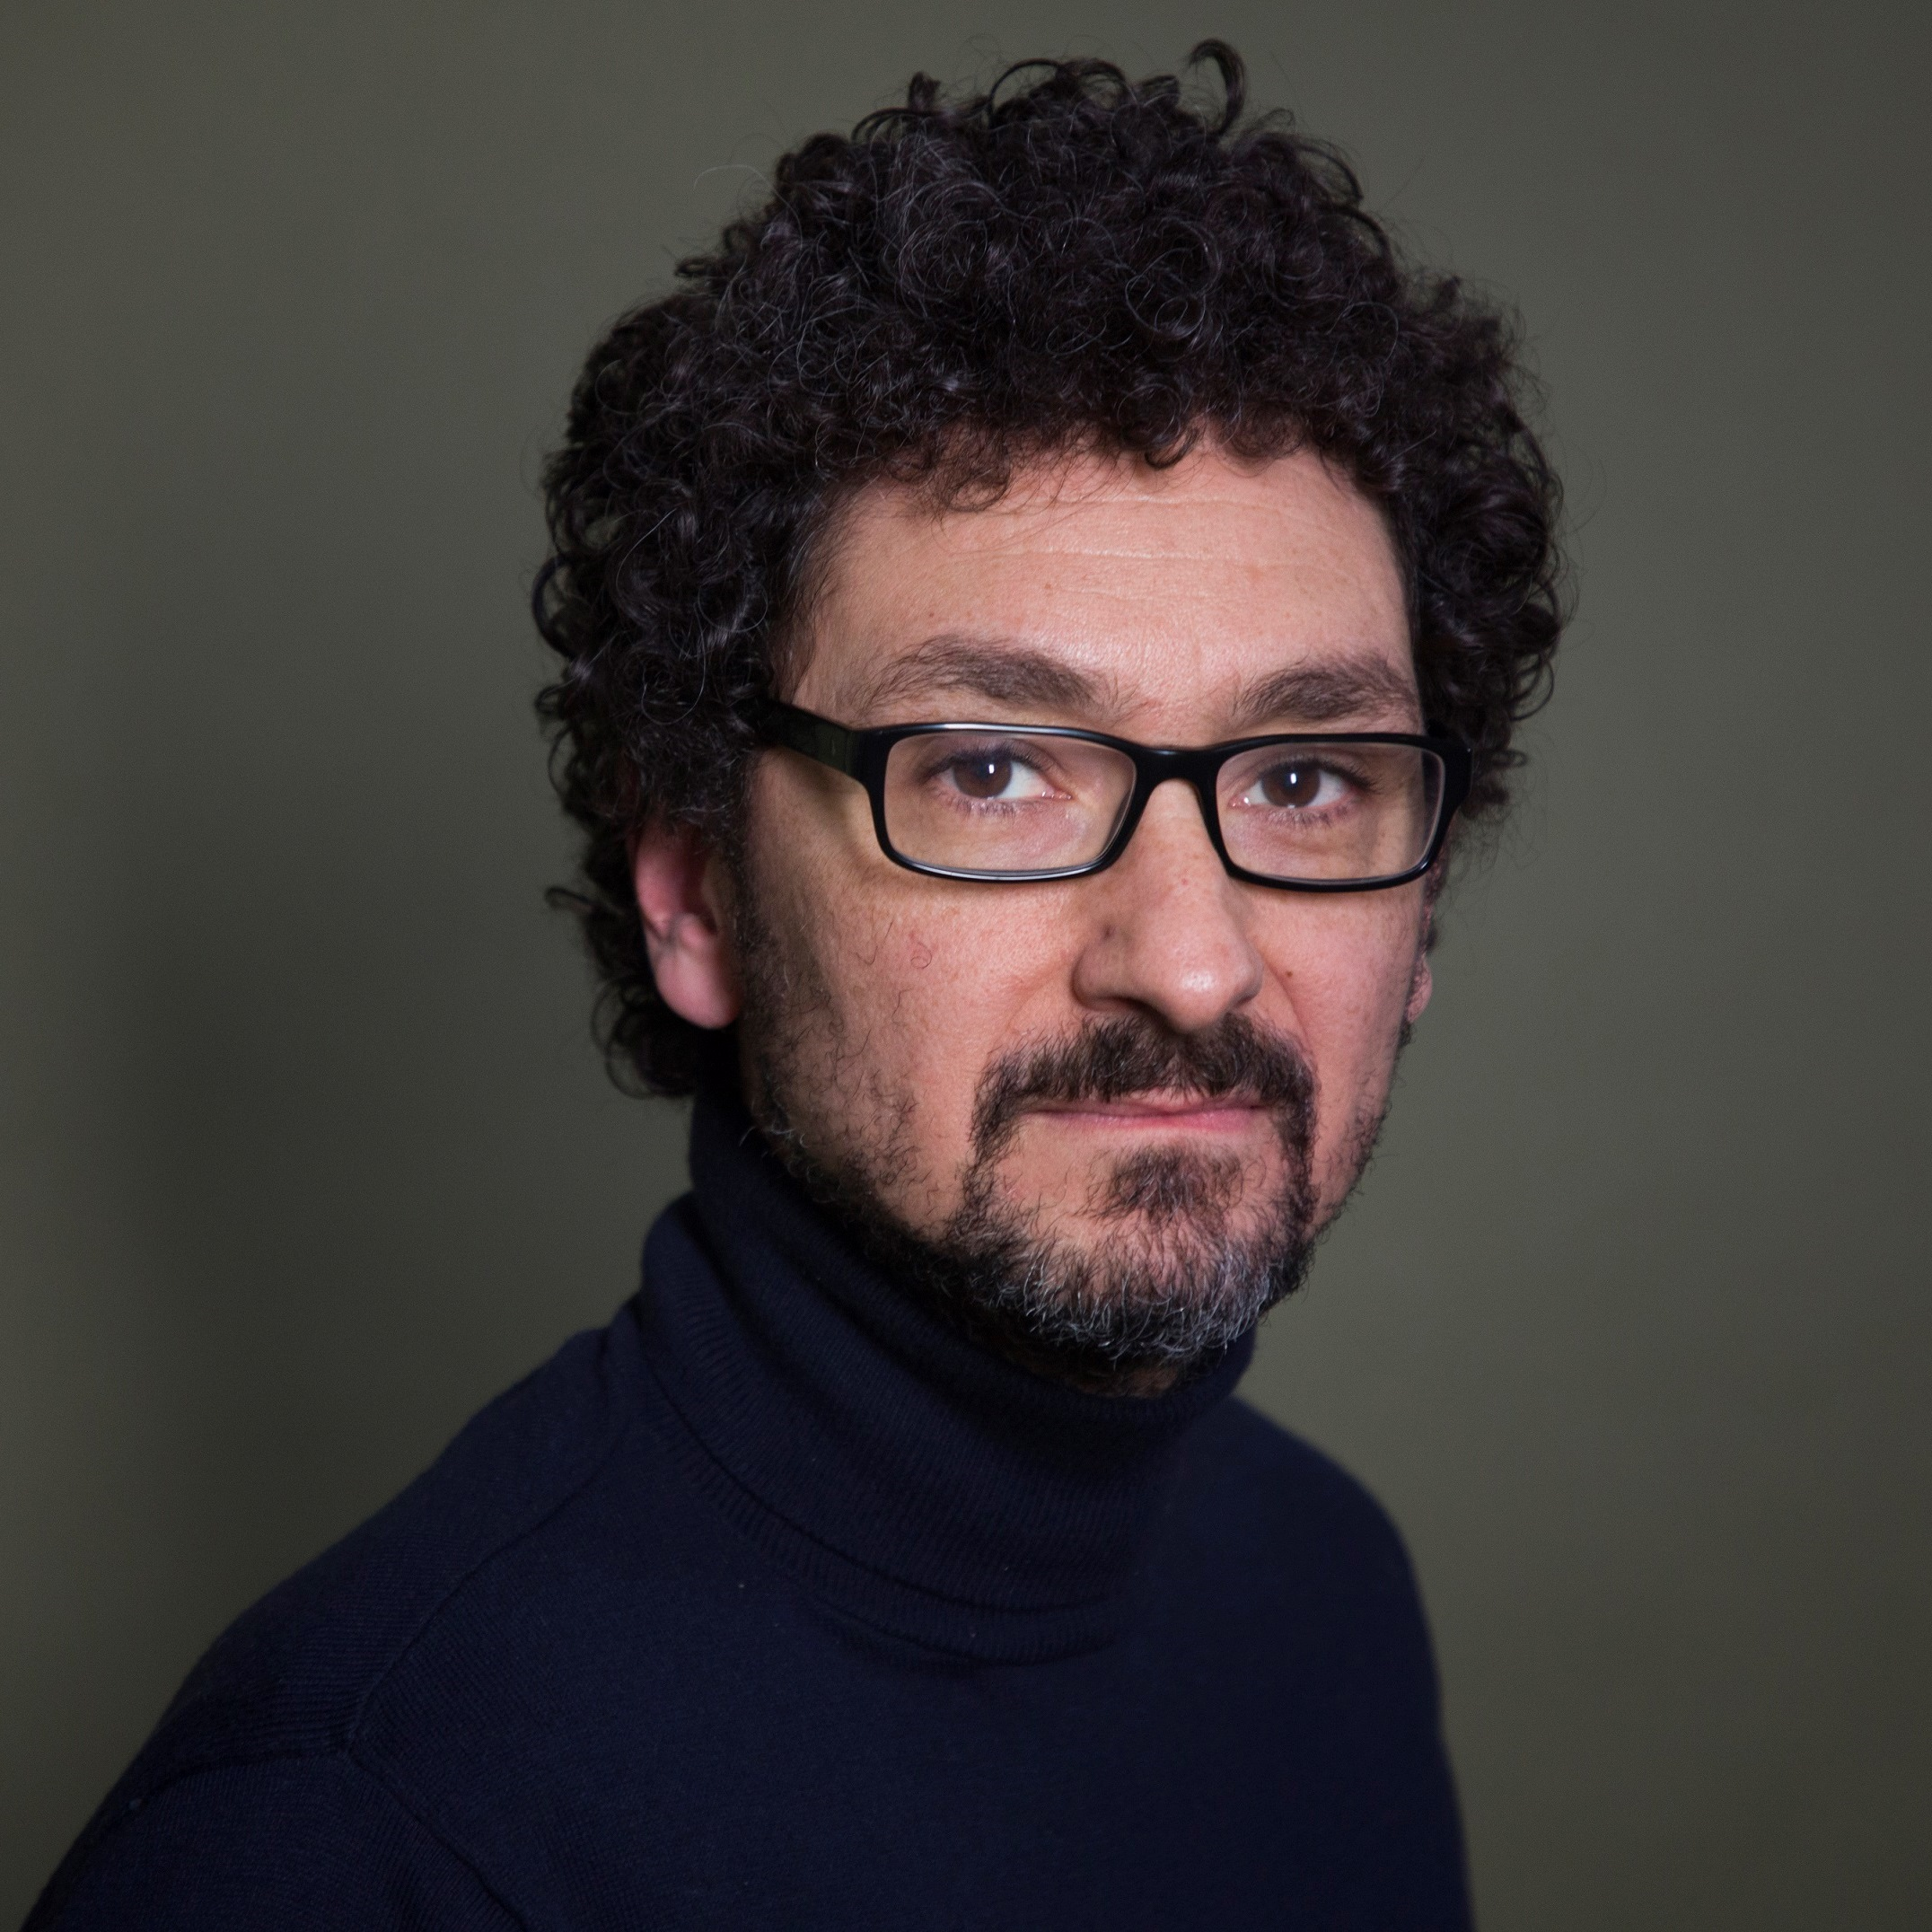 Portrait de David FOENKINOS - parrain du Salon du Livre de Royat-Chamalières 2019